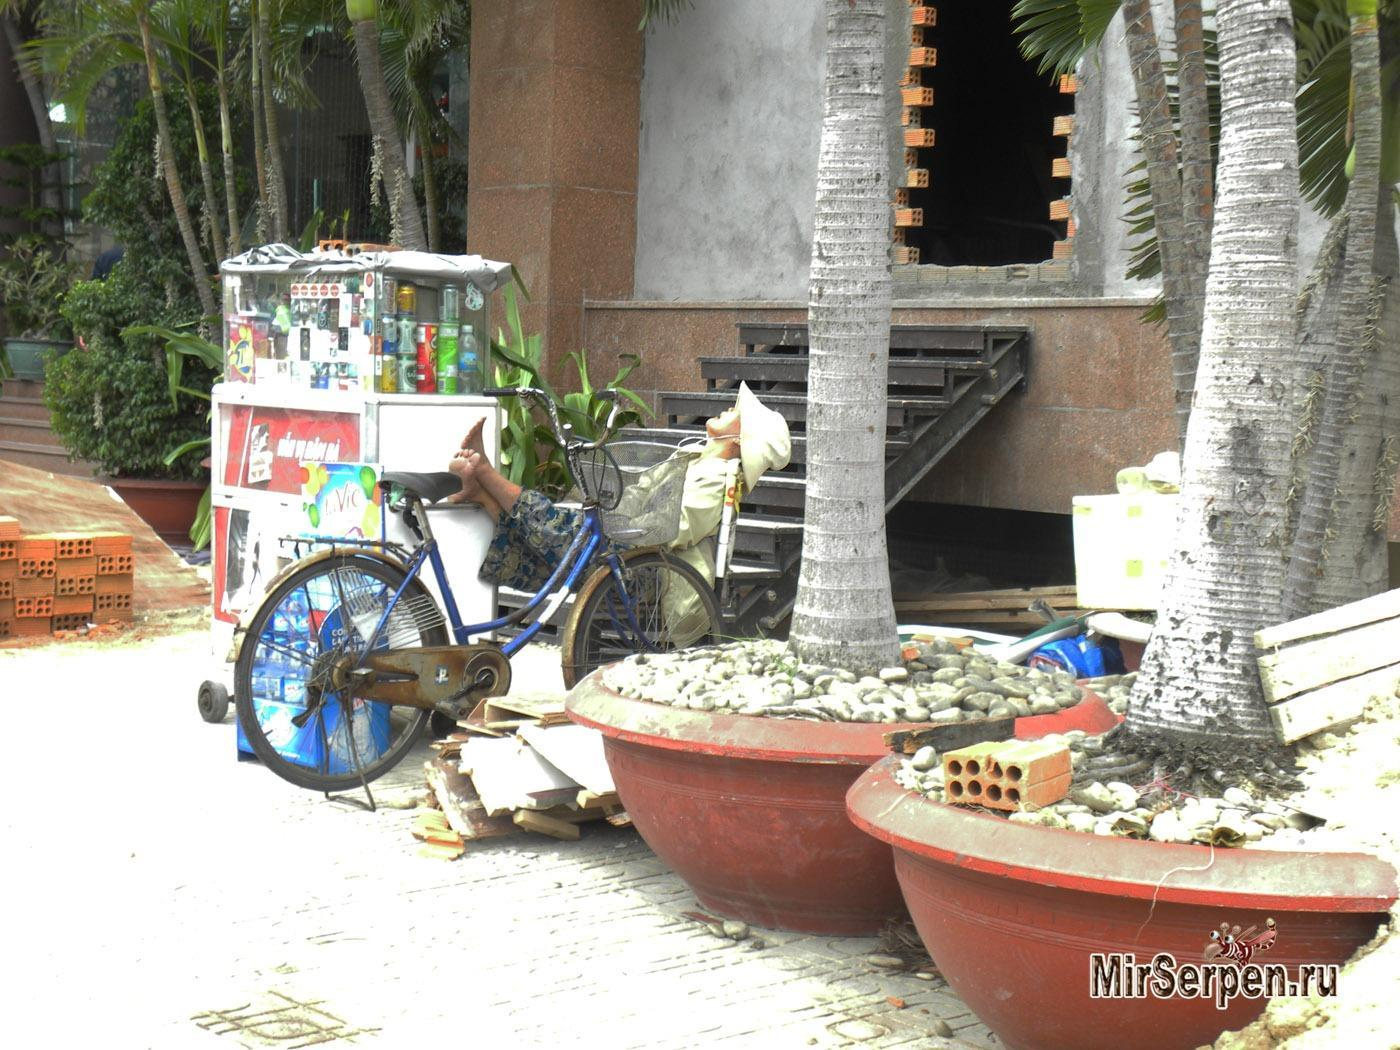 Сонный шоппинг во Вьетнаме